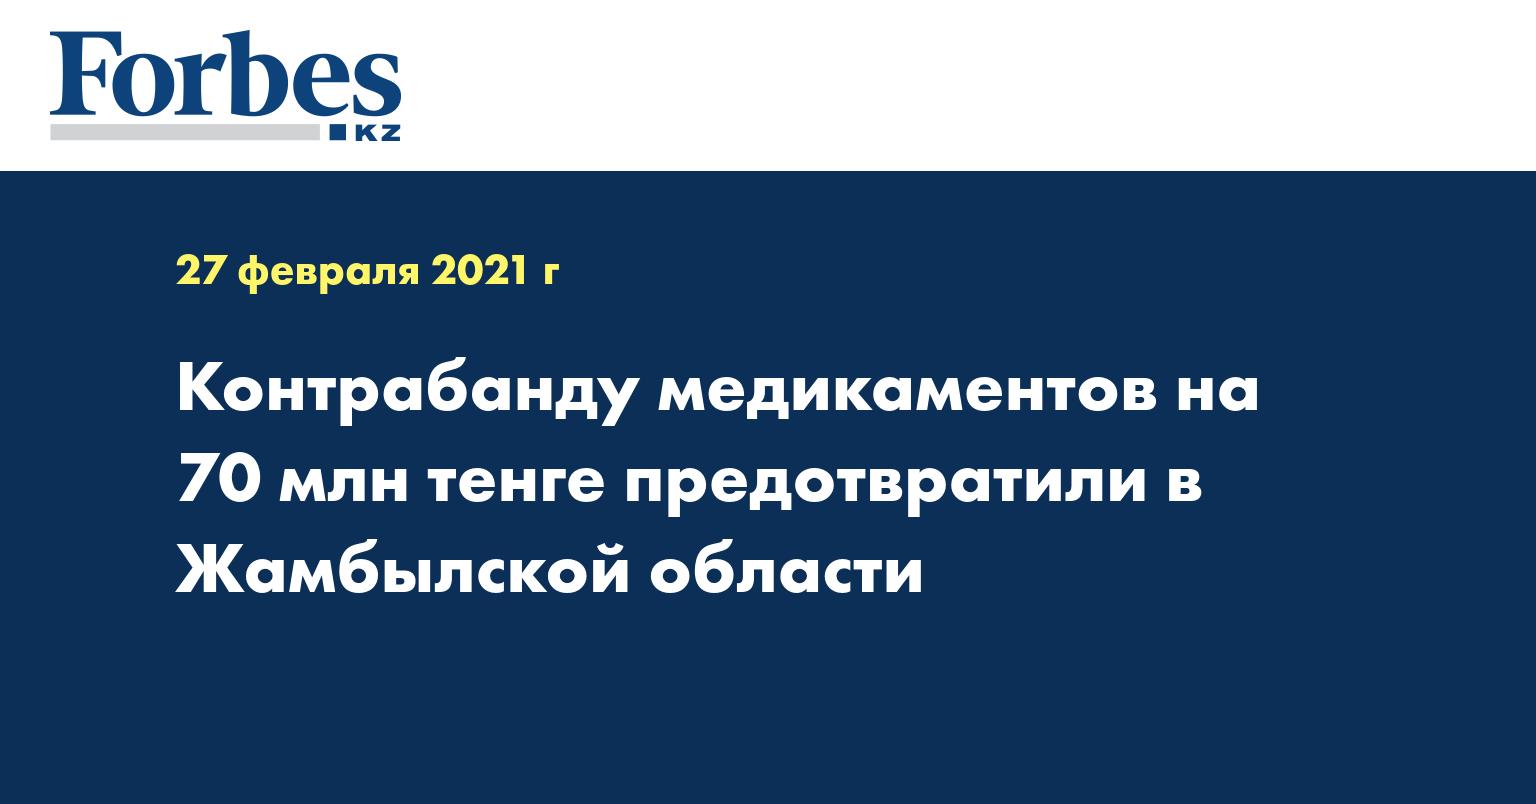 Контрабанду медикаментов на 70 млн тенге предотвратили в Жамбылской области